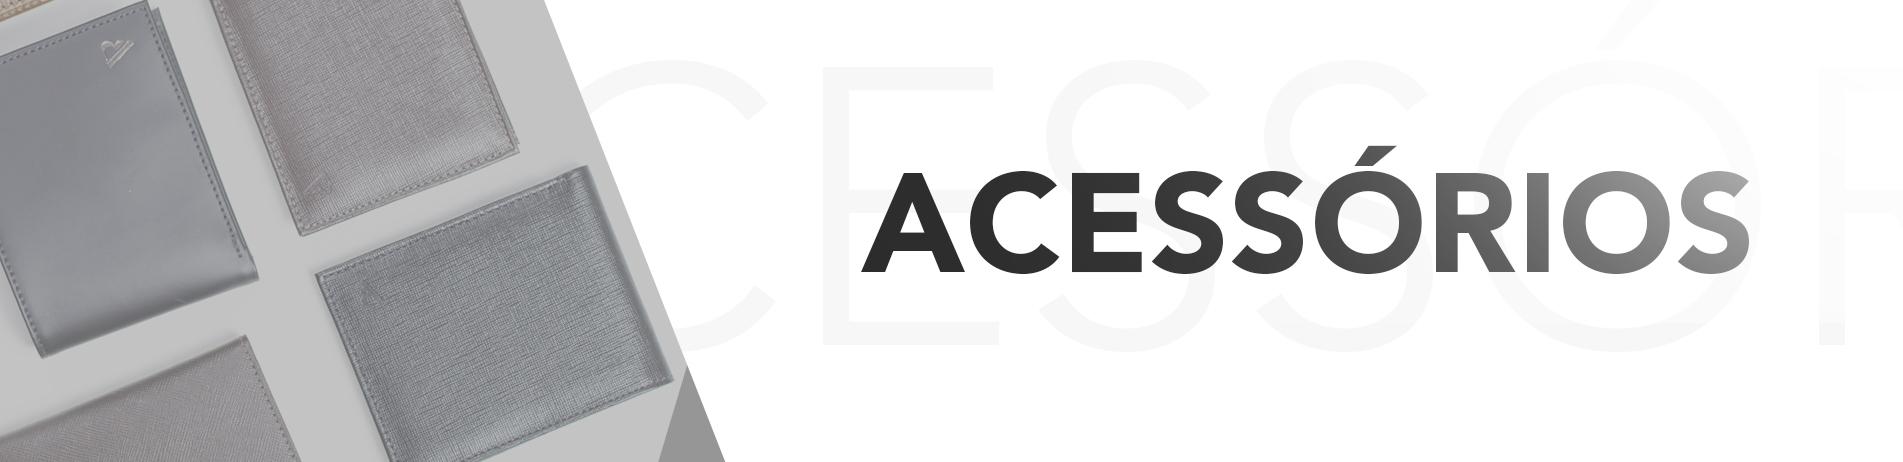 CATEGORIA - Acessorios